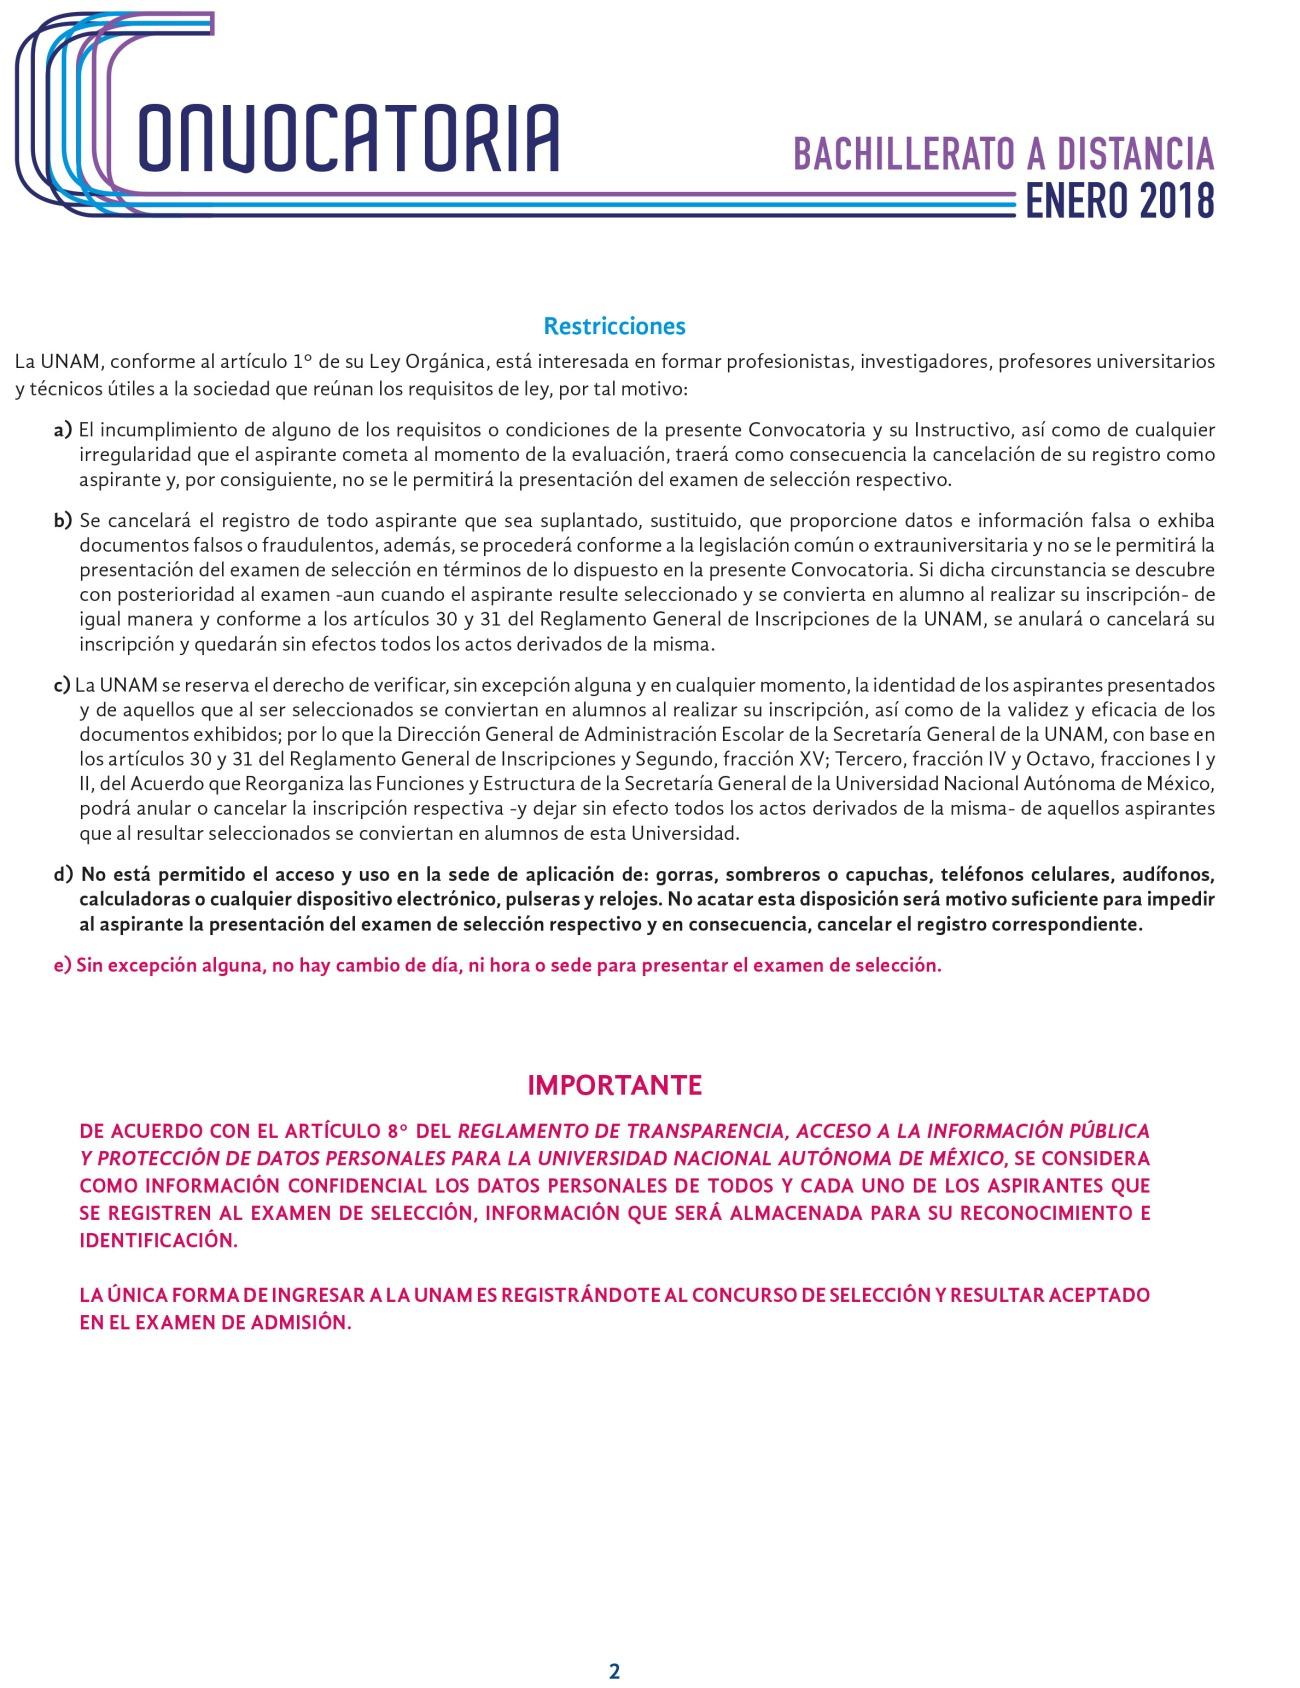 convocatoria Bach a Dist Enero 2018 11 julio 17-2